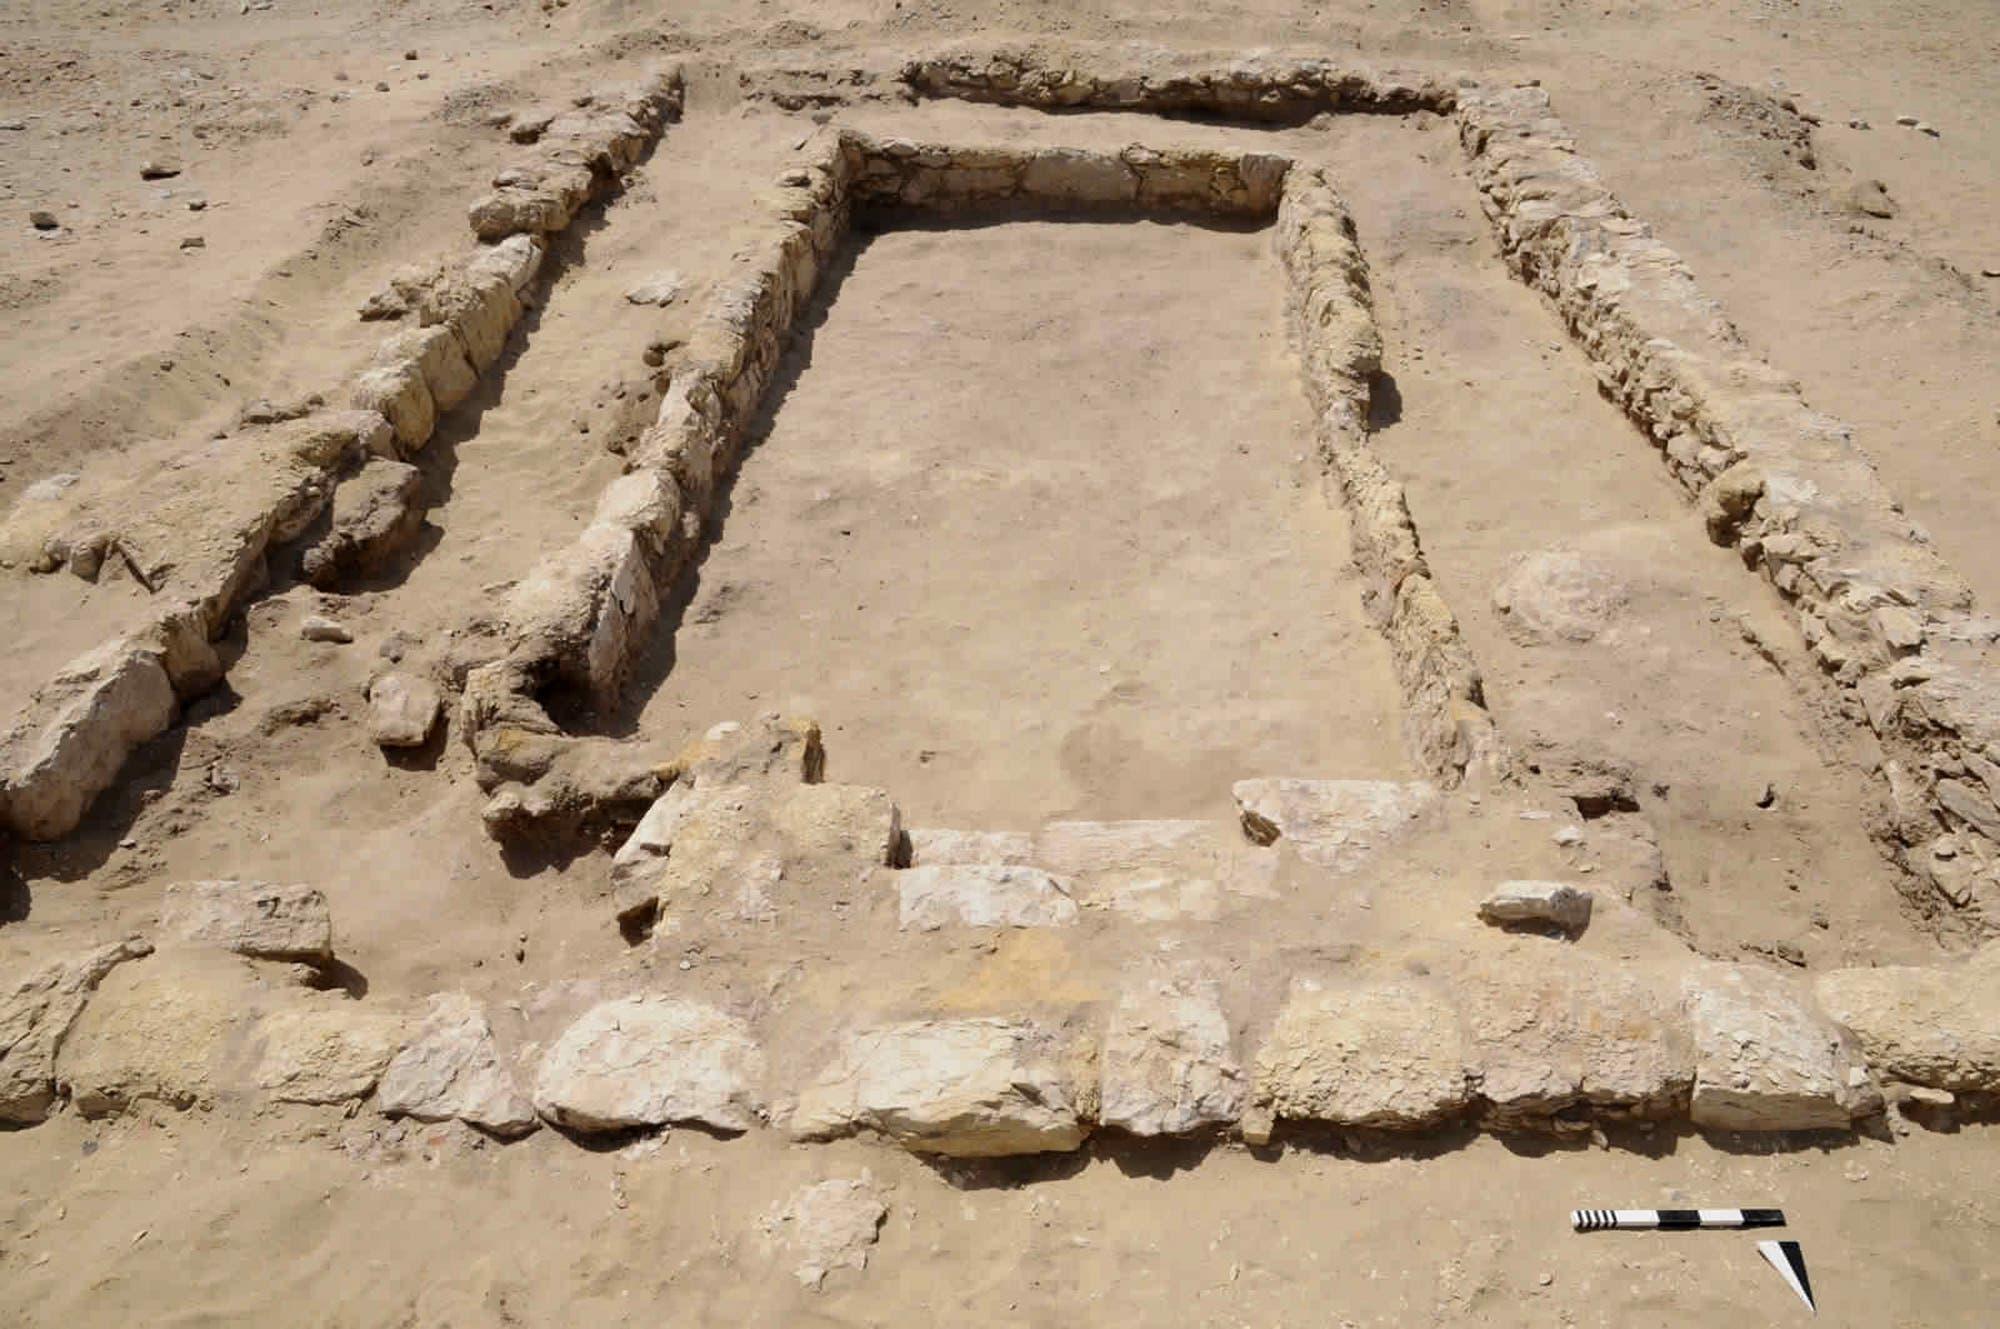 Descubren un gimnasio de la época helenística en Egipto